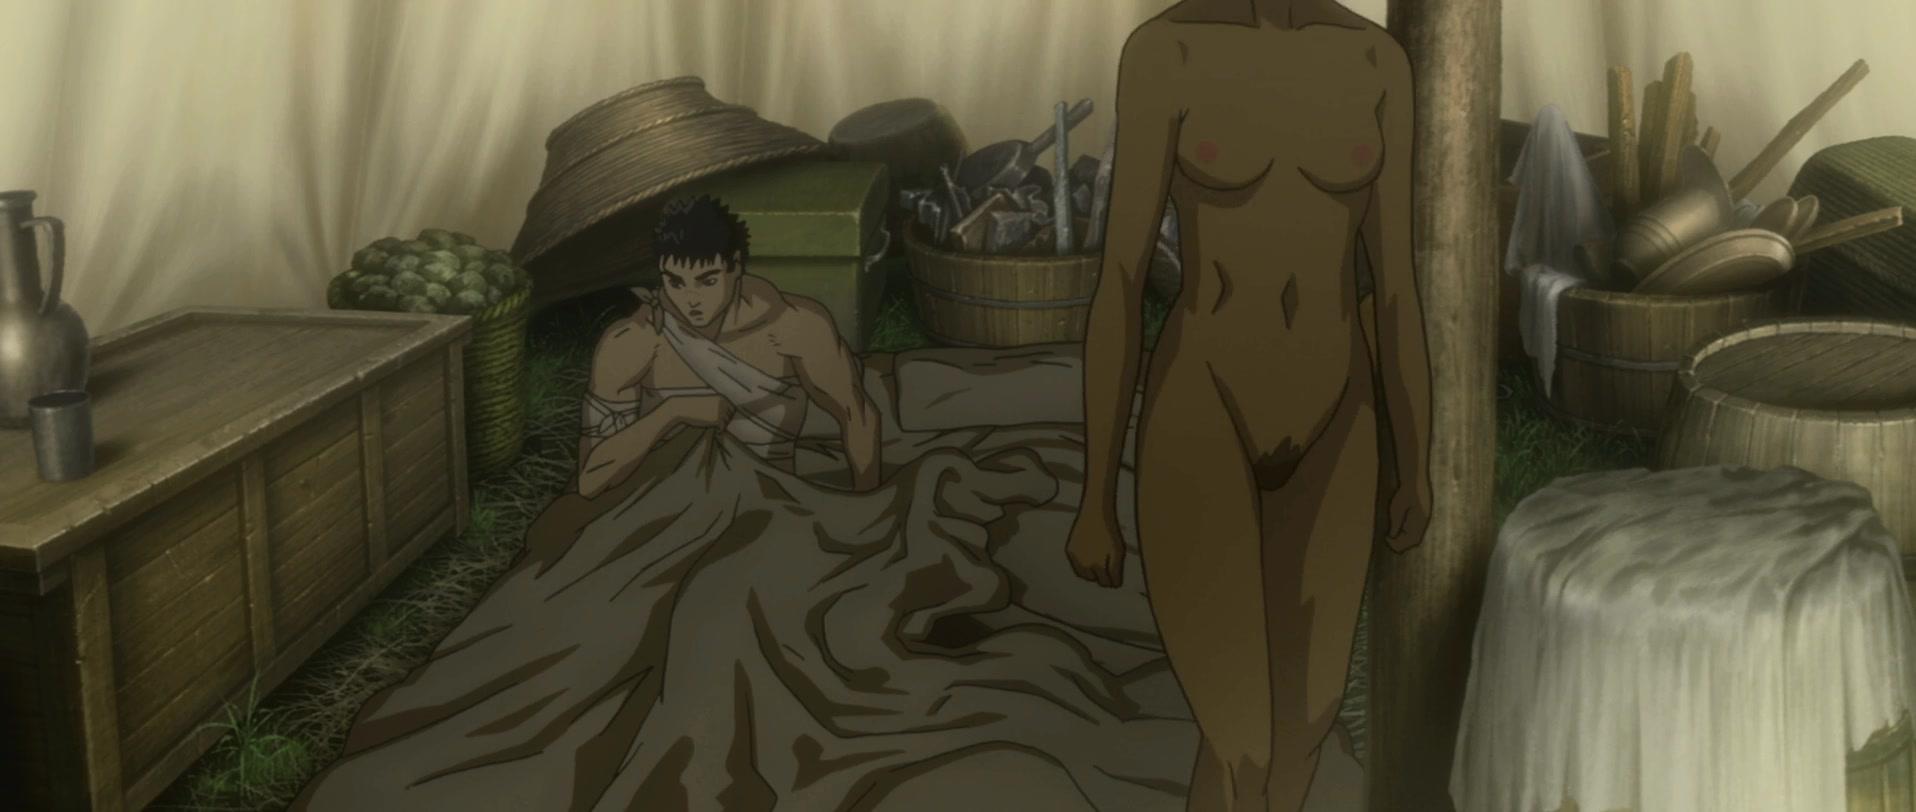 昭和のアニメ番組の規制がユルユルだったエロシーンを貼ってく神スレwwwwwwwww・6枚目